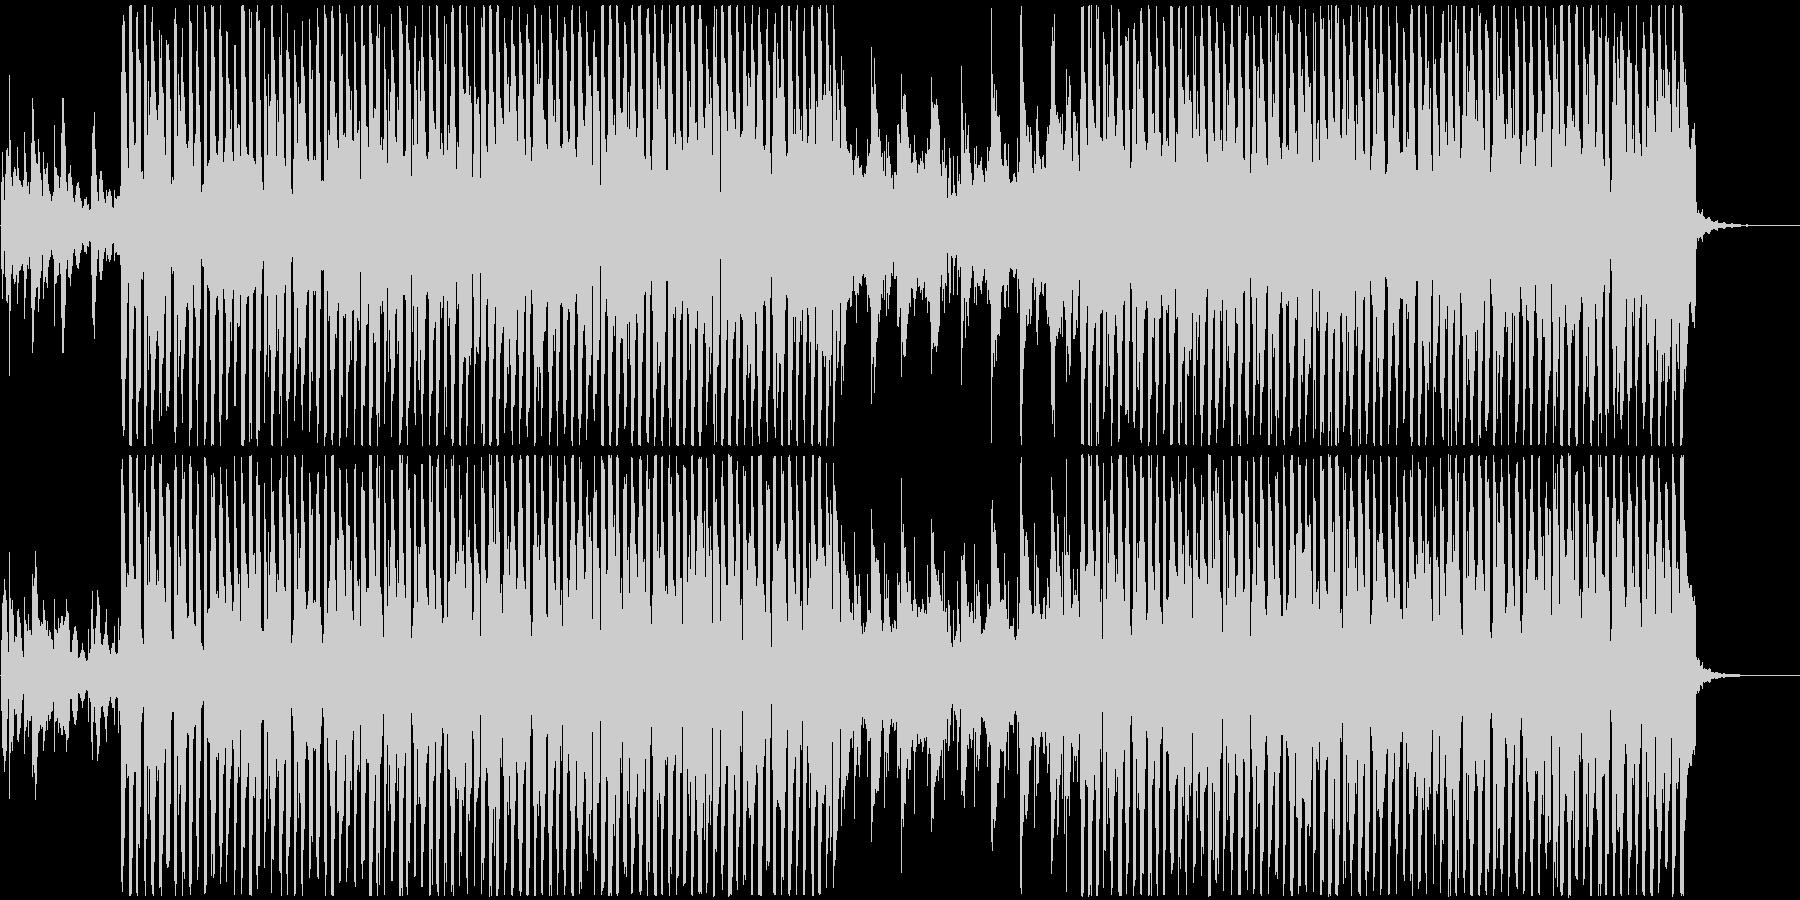 遊び心のある軽快なポップサウンドの未再生の波形